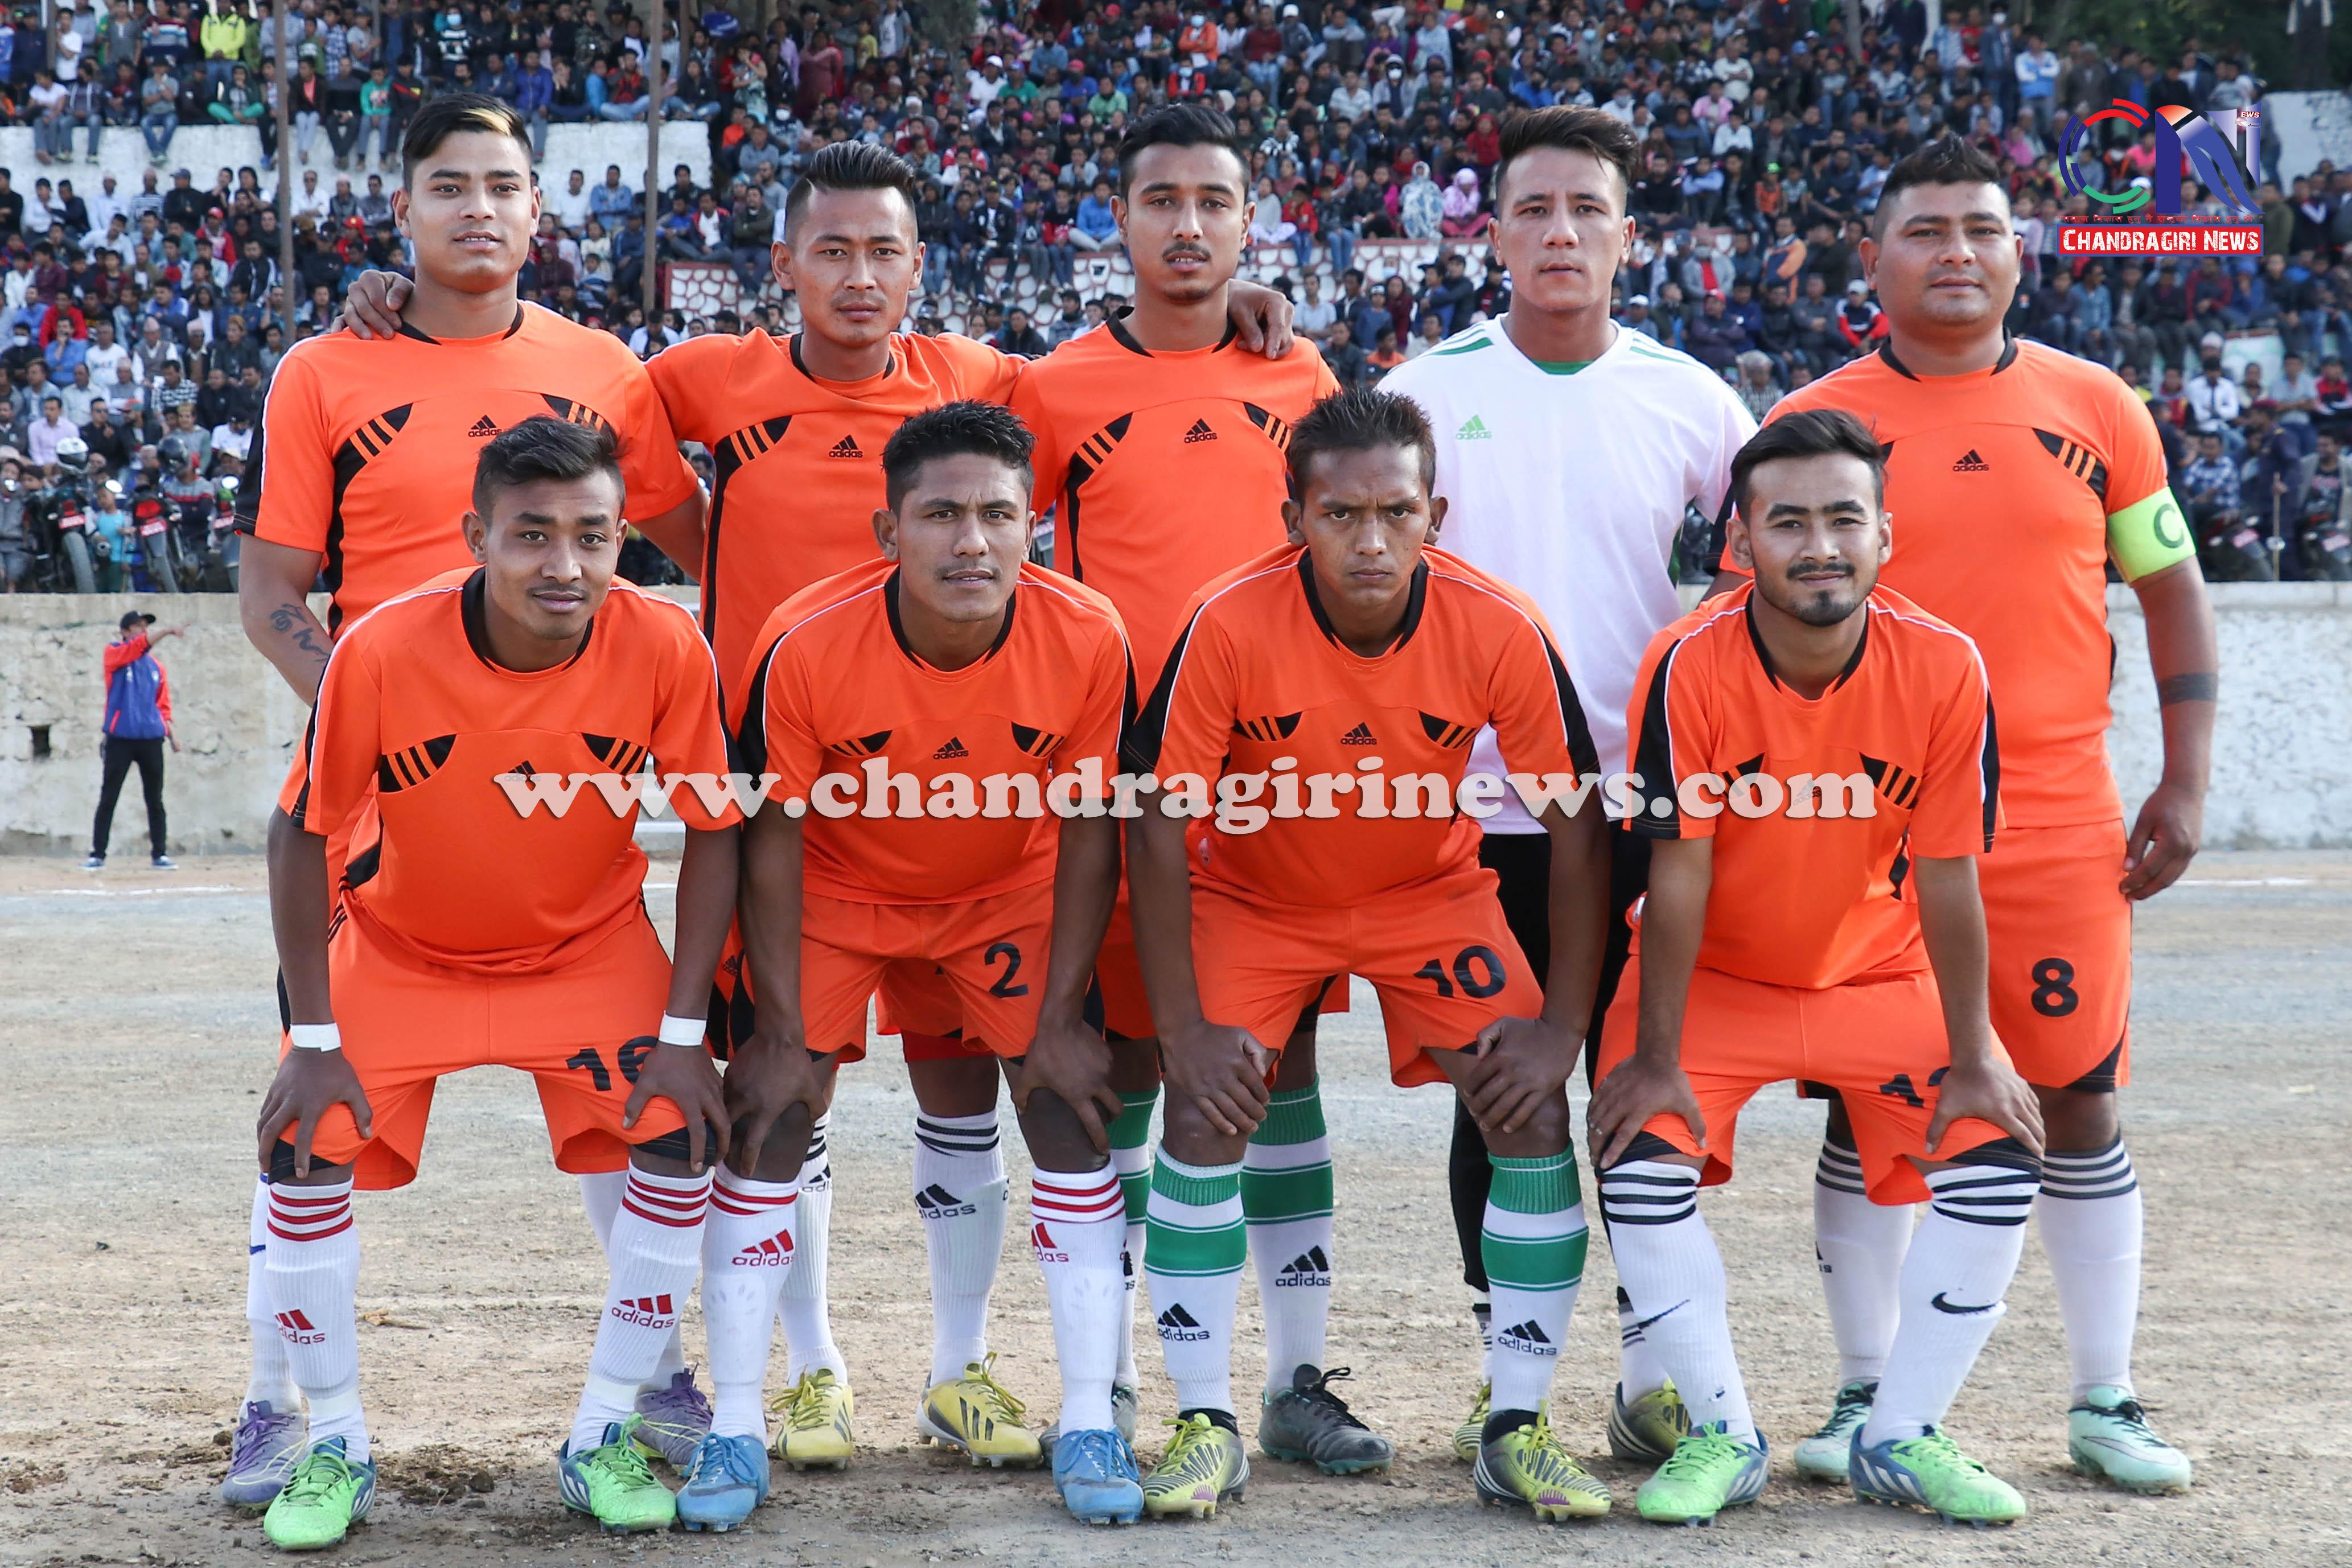 Chandragirinews western-united-final-3 नेपालय वइस्टर्न यूनाइटेड फुटबलको उपाधि टिम स्पिड न्यूरोडलाई खेलकुद ब्रेकिंग न्युज मुख्य    chandragiri